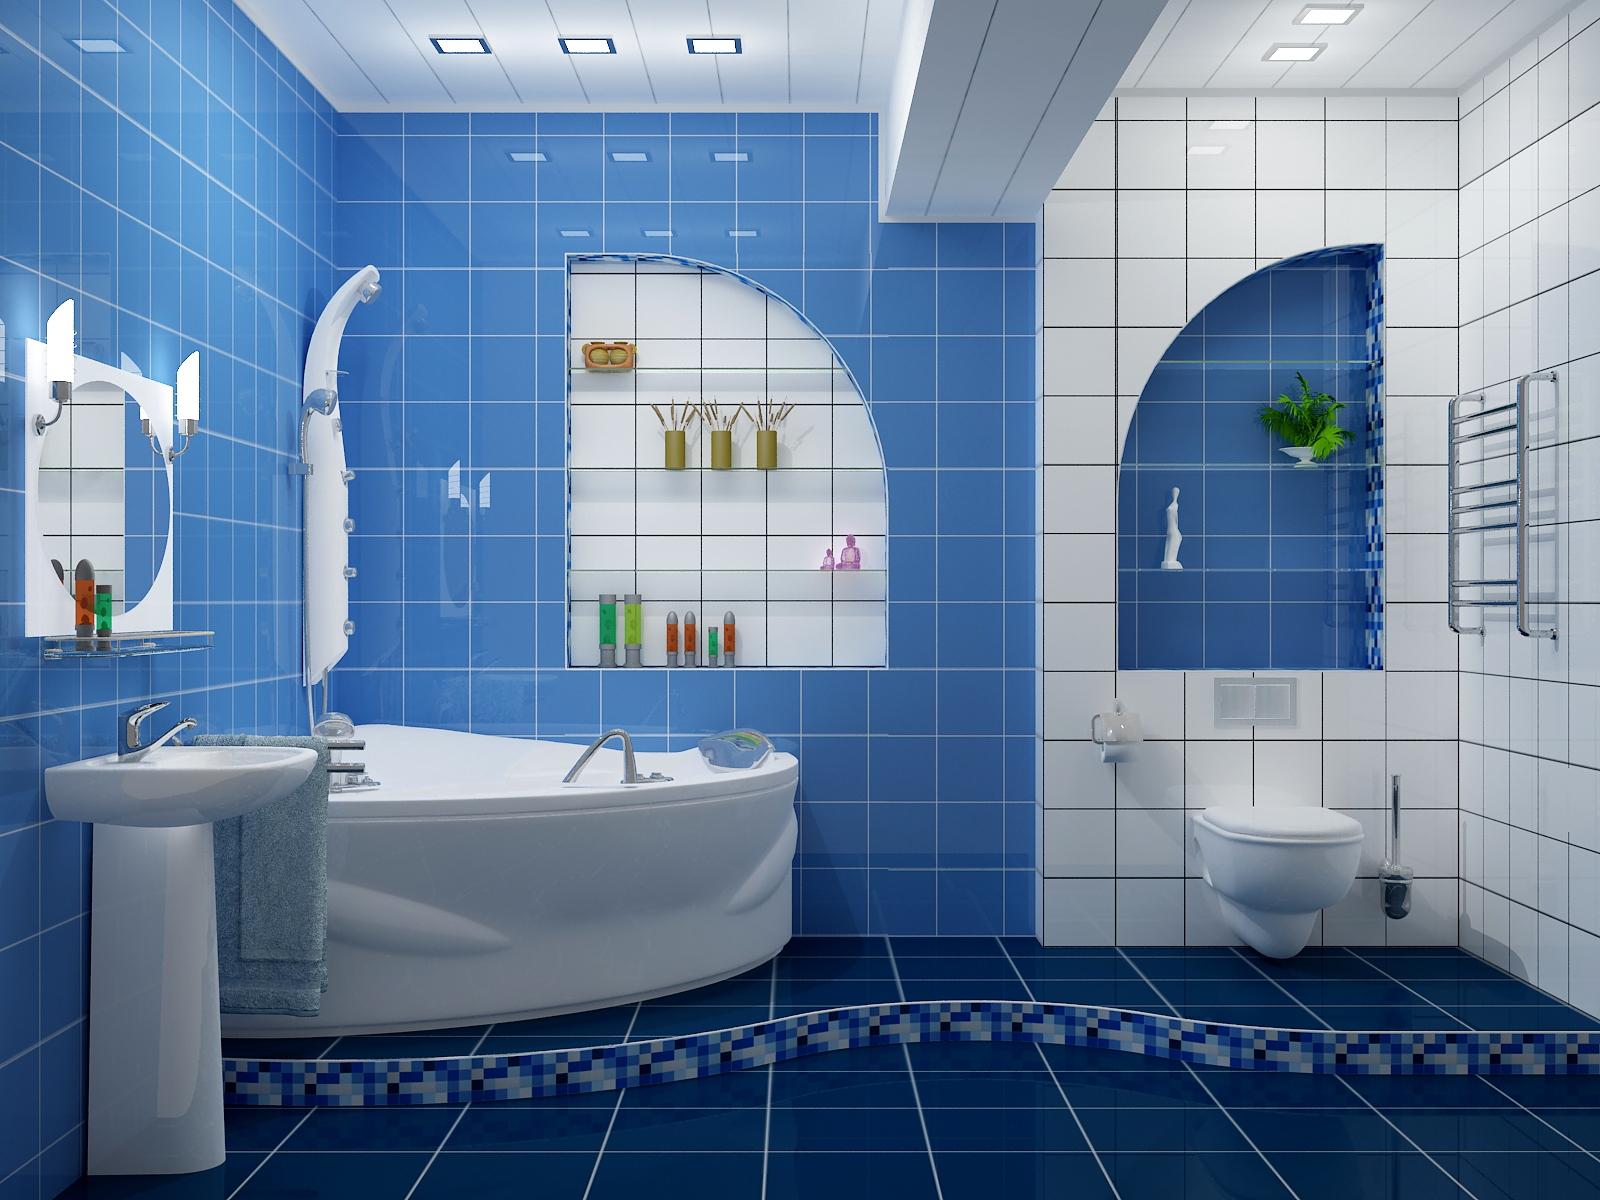 кафель на гипсокартон в ванной